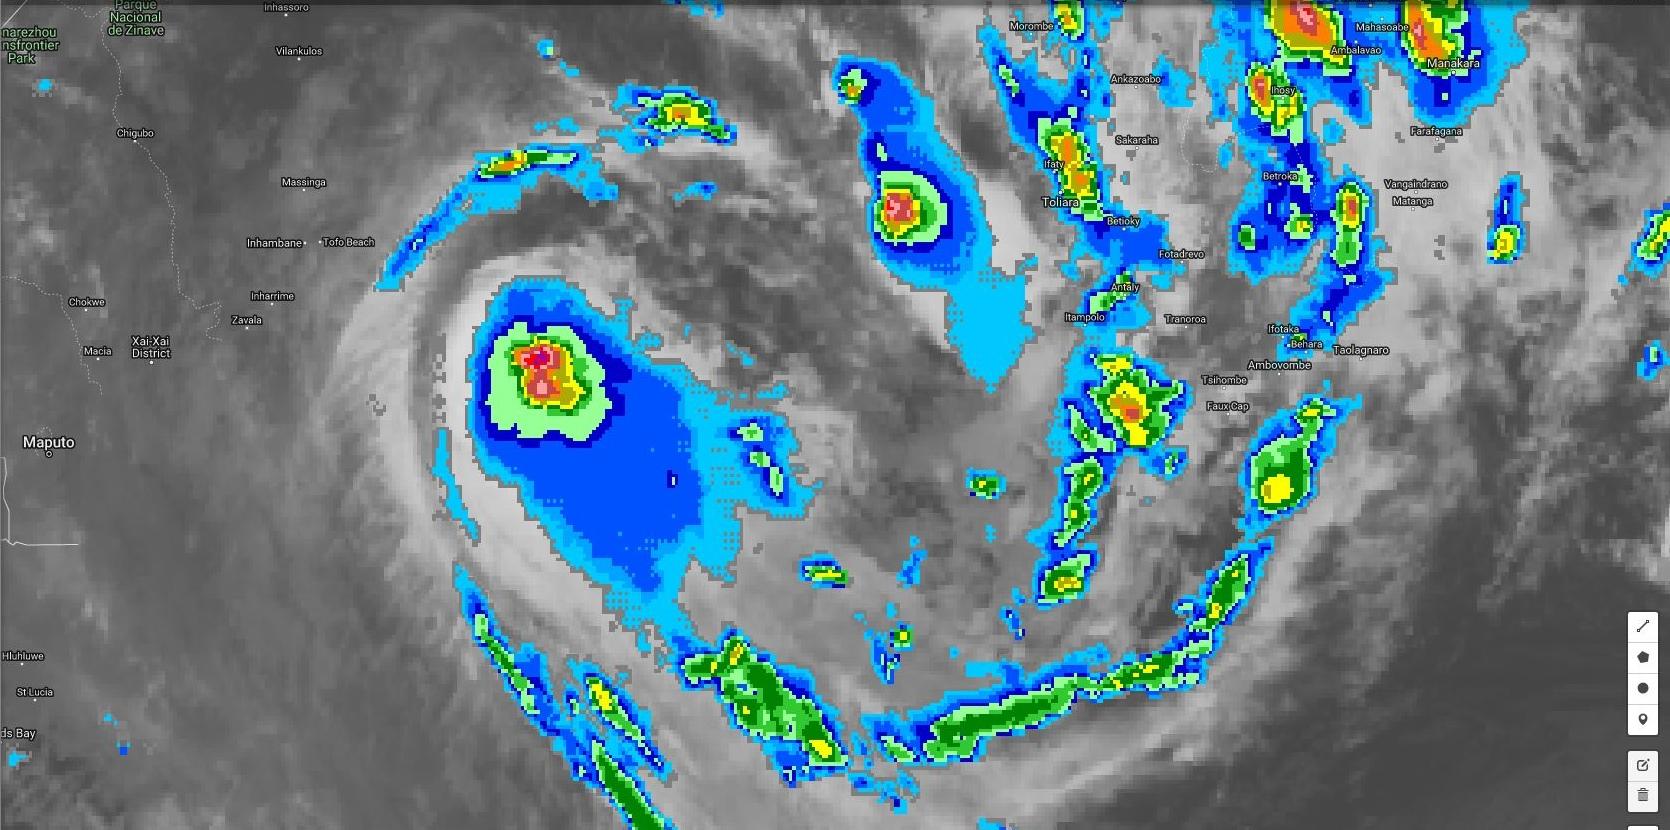 01h: même si la convection est encore rejetée au sud du centre les bandes spiralées ont meilleure allure. La signature satellite s'améliore très progressivement. Le système pourrait s'intensifier ces prochaines 24/36heures.